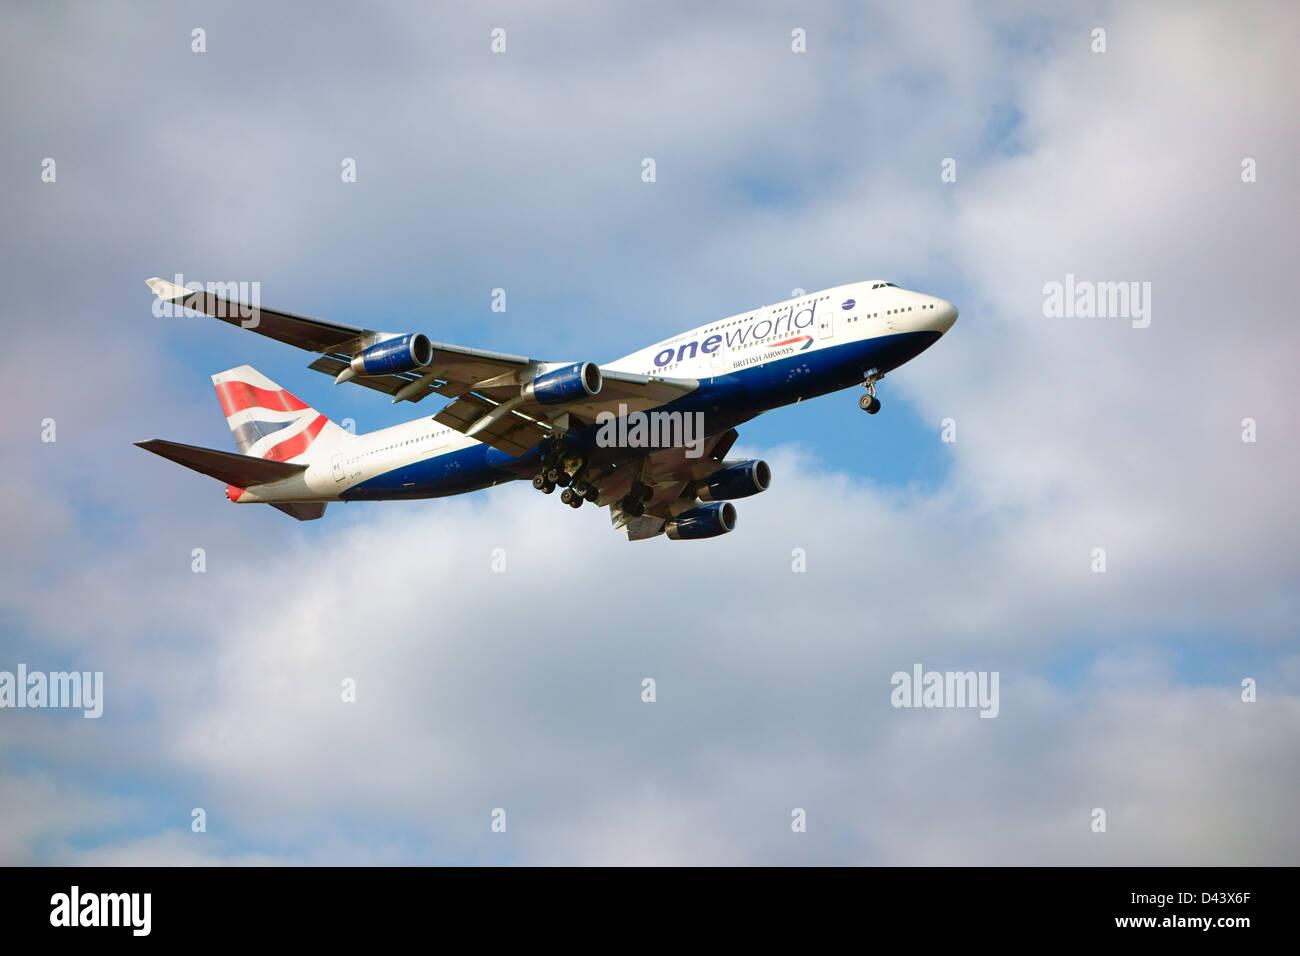 British Airways one world airplane 747 jumbo jet landing Stock Photo